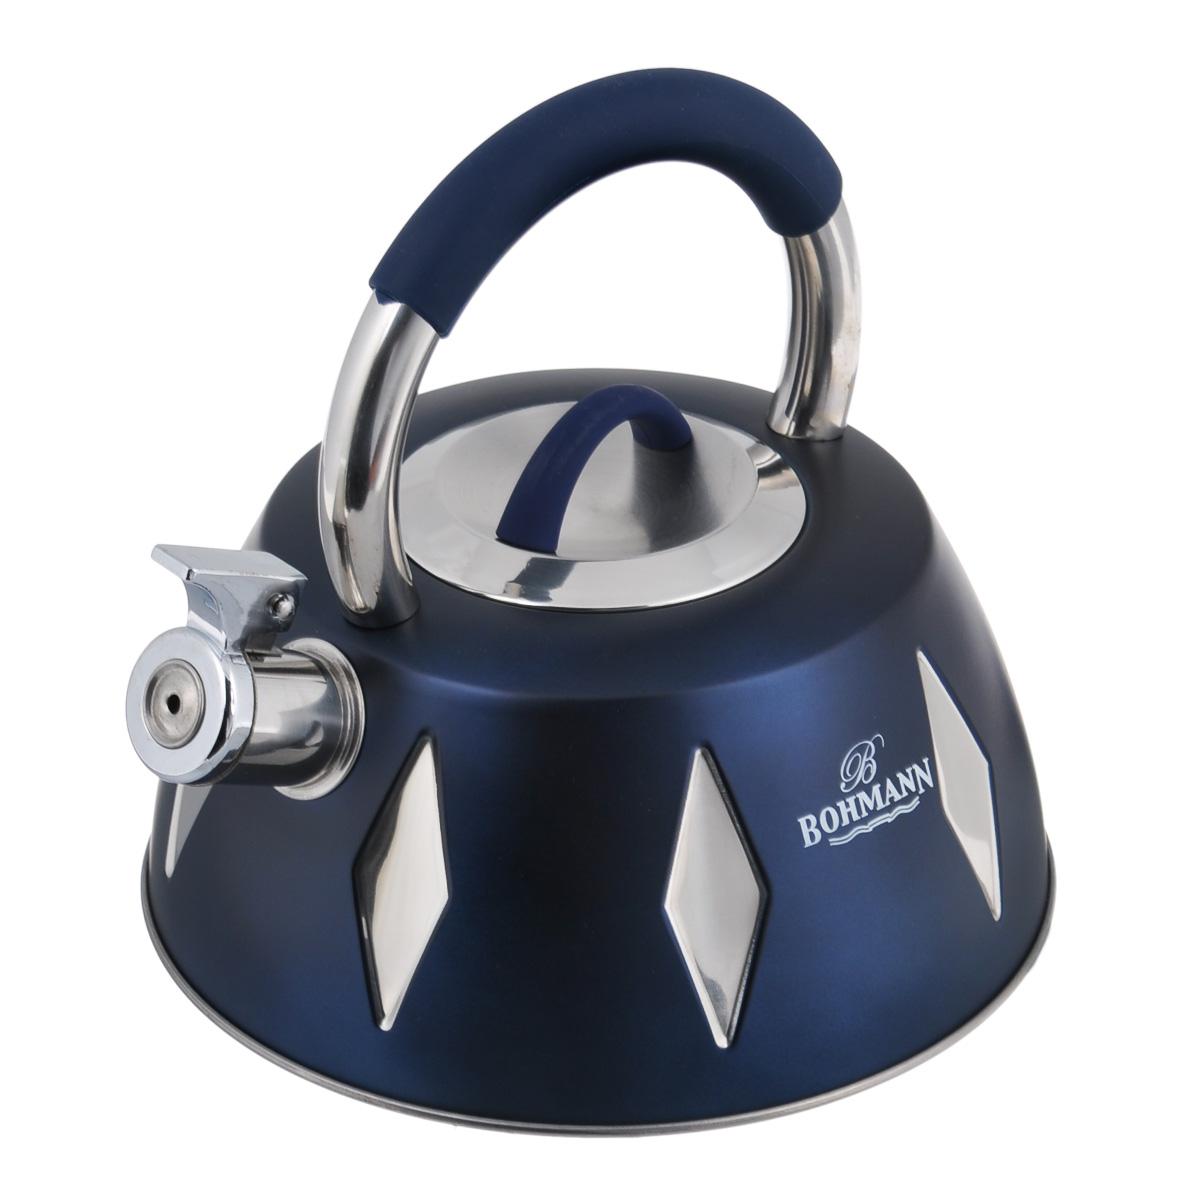 Чайник Bohmann со свистком, цвет: синий, 3,5 л. BH - 9948115510Чайник Bohmann изготовлен из высококачественной нержавеющей стали с цветным матовым покрытием. Нержавеющая сталь - материал, из которого в течение нескольких десятилетий во всем мире производятся столовые приборы, кухонные инструменты и различные аксессуары. Этот материал обладает высокой стойкостью к коррозии и кислотам. Прочность, долговечность и надежность этого материала, а также первоклассная обработка обеспечивают практически неограниченный запас прочности и неизменно привлекательный внешний вид. Чайник оснащен удобной ручкой с цветной силиконовой вставкой, что предотвращает появление ожогов и обеспечивает безопасность использования. Носик чайника имеет откидной свисток, который подскажет, когда вода закипела. Можно использовать на газовых, электрических, галогеновых, стеклокерамических, индукционных плитах. Можно мыть в посудомоечной машине. Высота чайника (без учета ручки и крышки): 10 см. Высота чайника (с учетом ручки): 22 см. Диаметр основания чайника: 22 см. Диаметр чайника (по верхнему краю): 10 см.